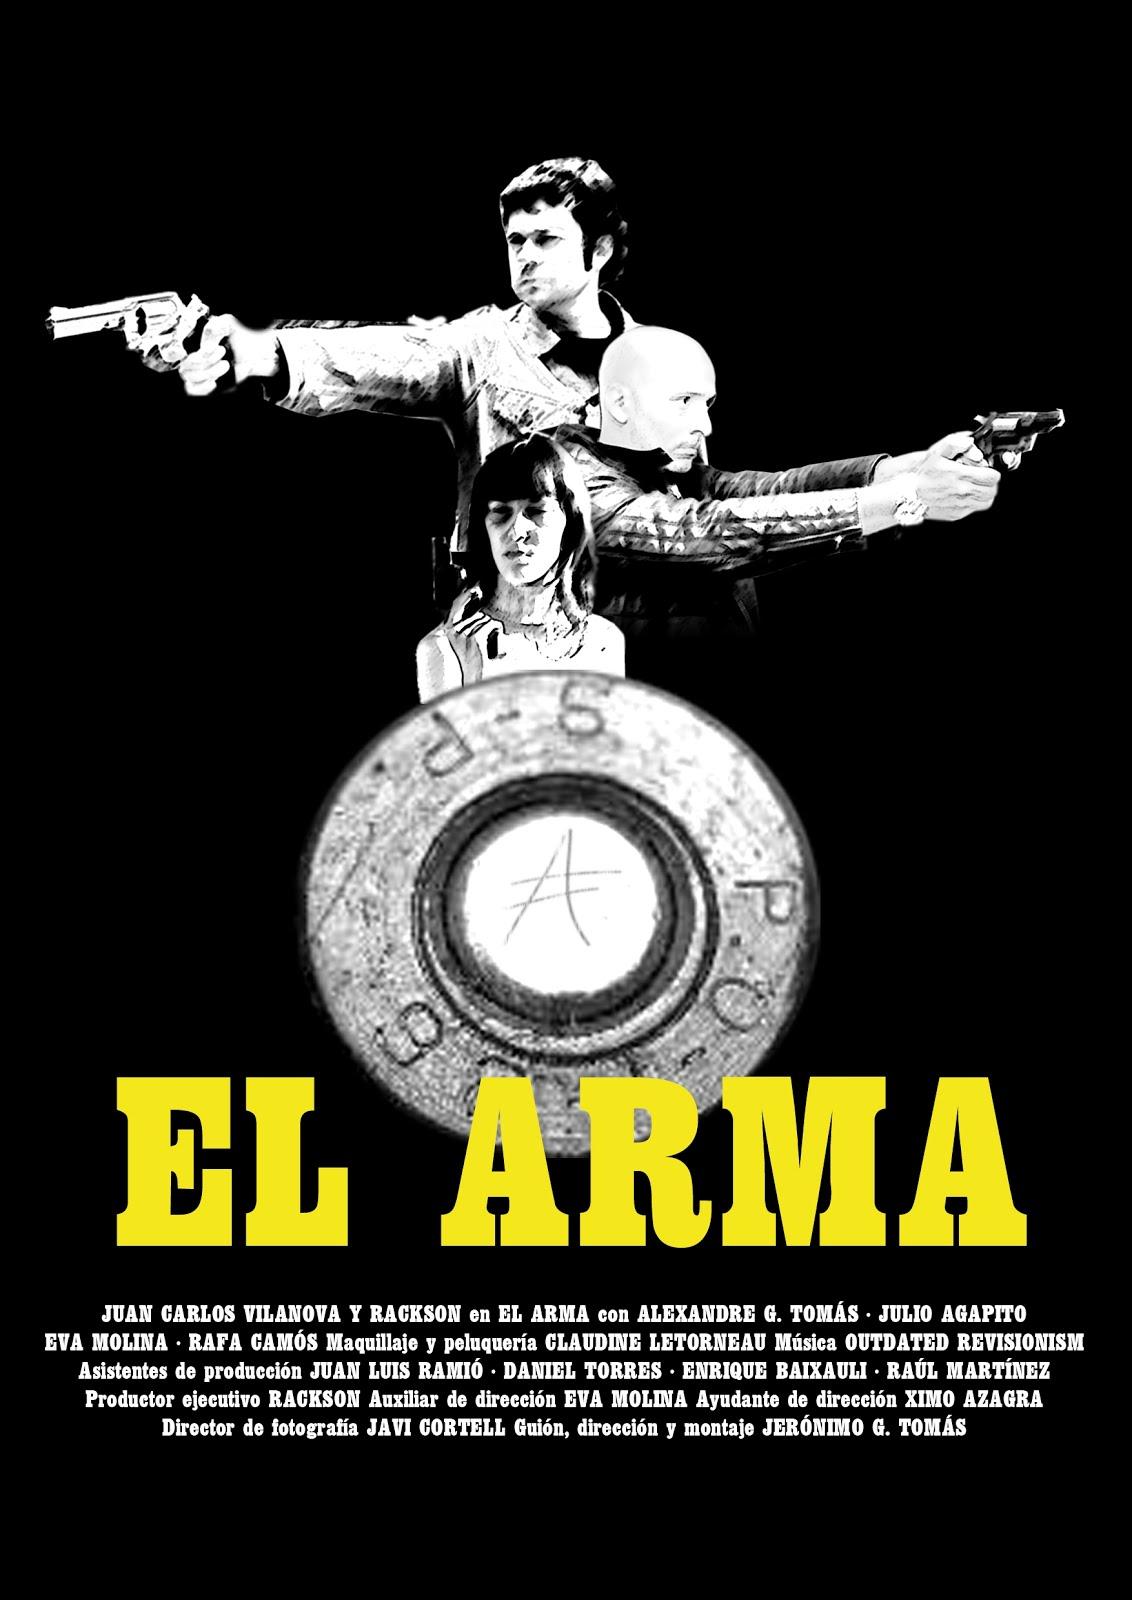 El arma / The Weapon (ver cortometraje)